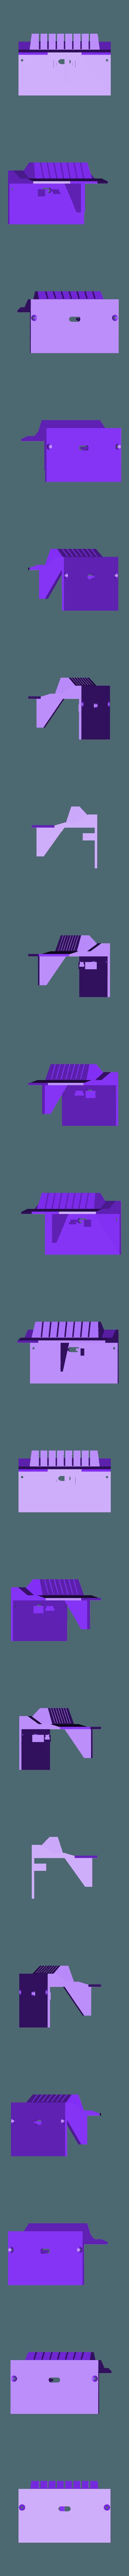 BusySign-Top.stl Télécharger fichier STL gratuit Boîte de bureau clignotante DND • Design imprimable en 3D, suromark